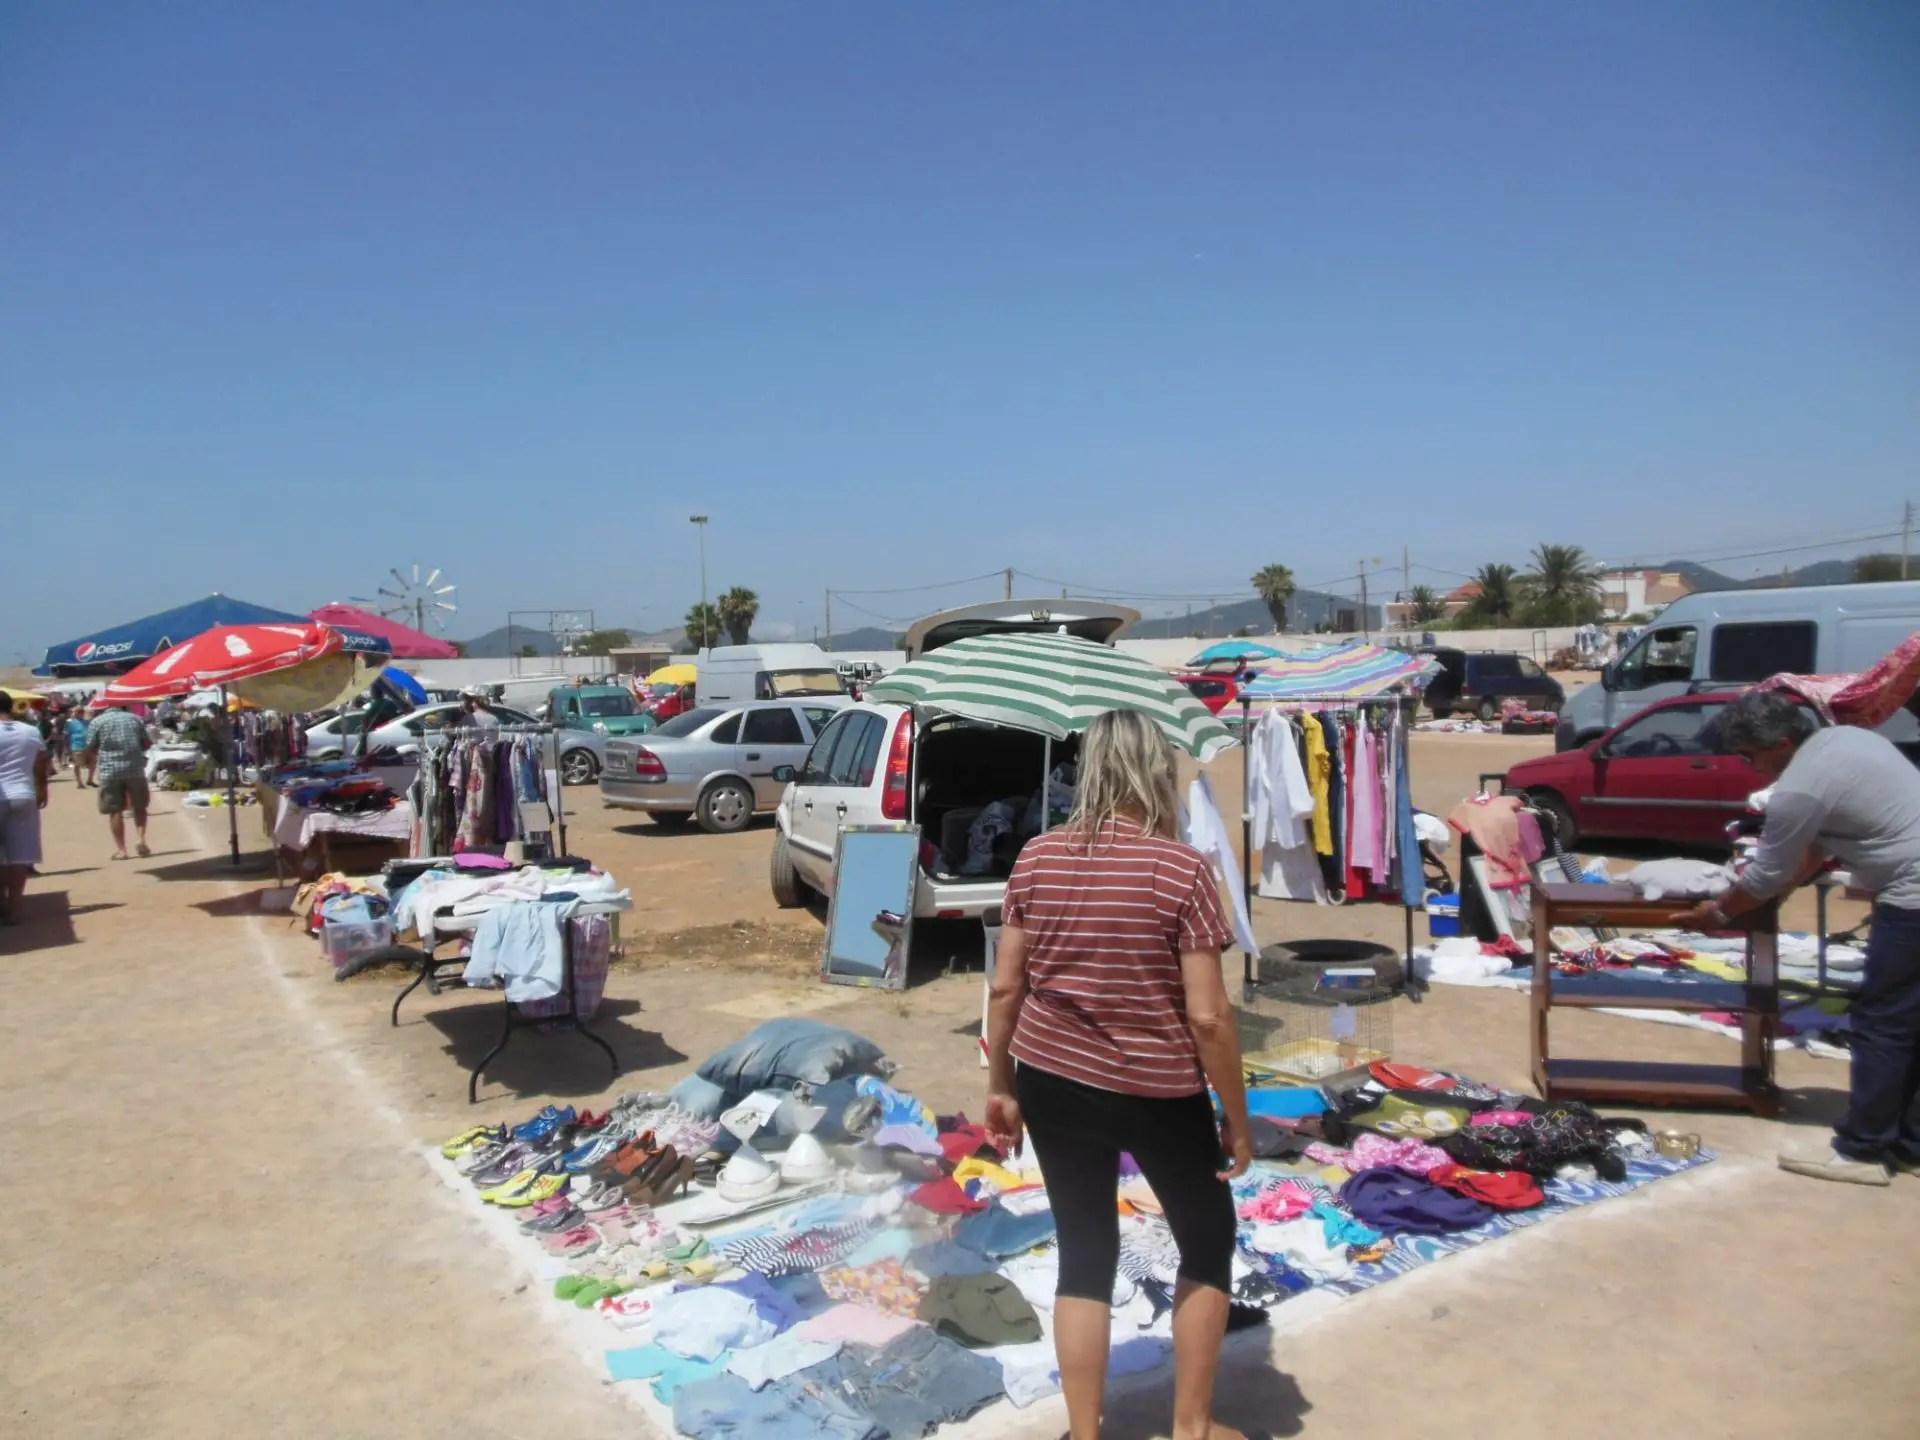 De Hipodromo in Sant Jordi veranderd in een markt - vrouw kijkt naar de kleding uitgestald op een kleedje